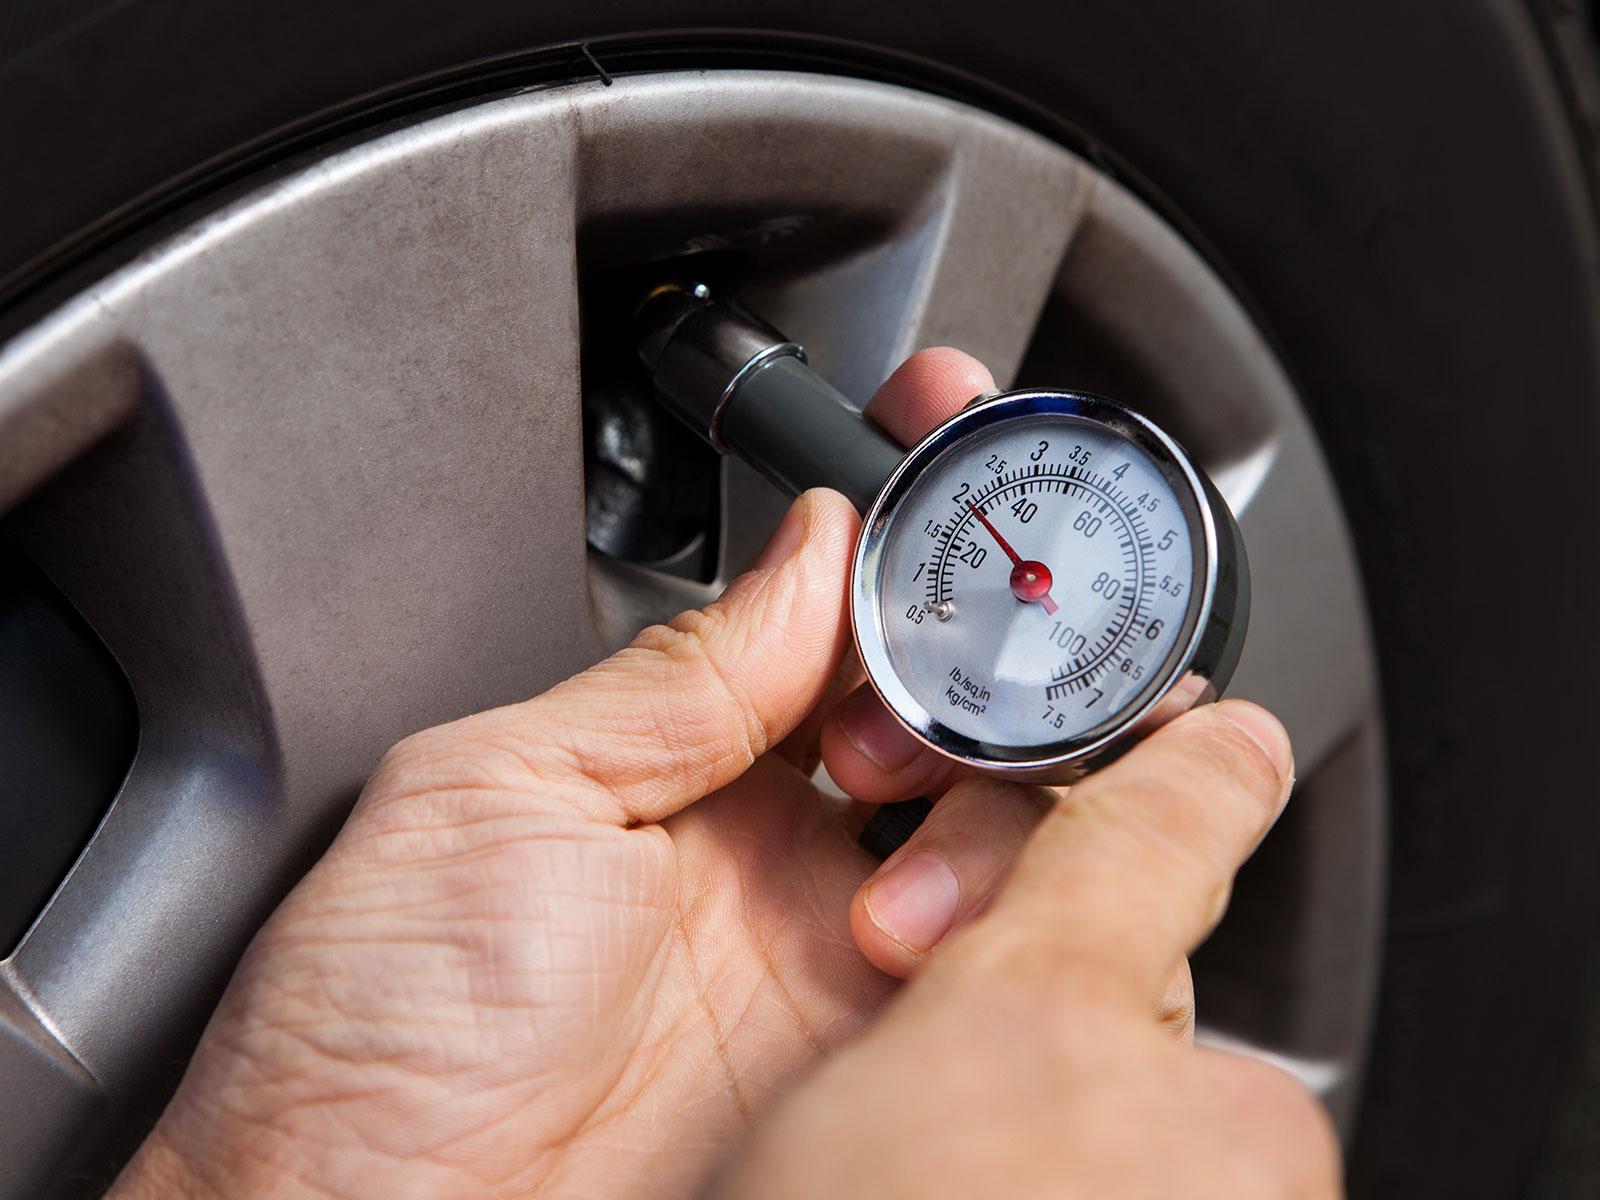 La pressione dei pneumatici